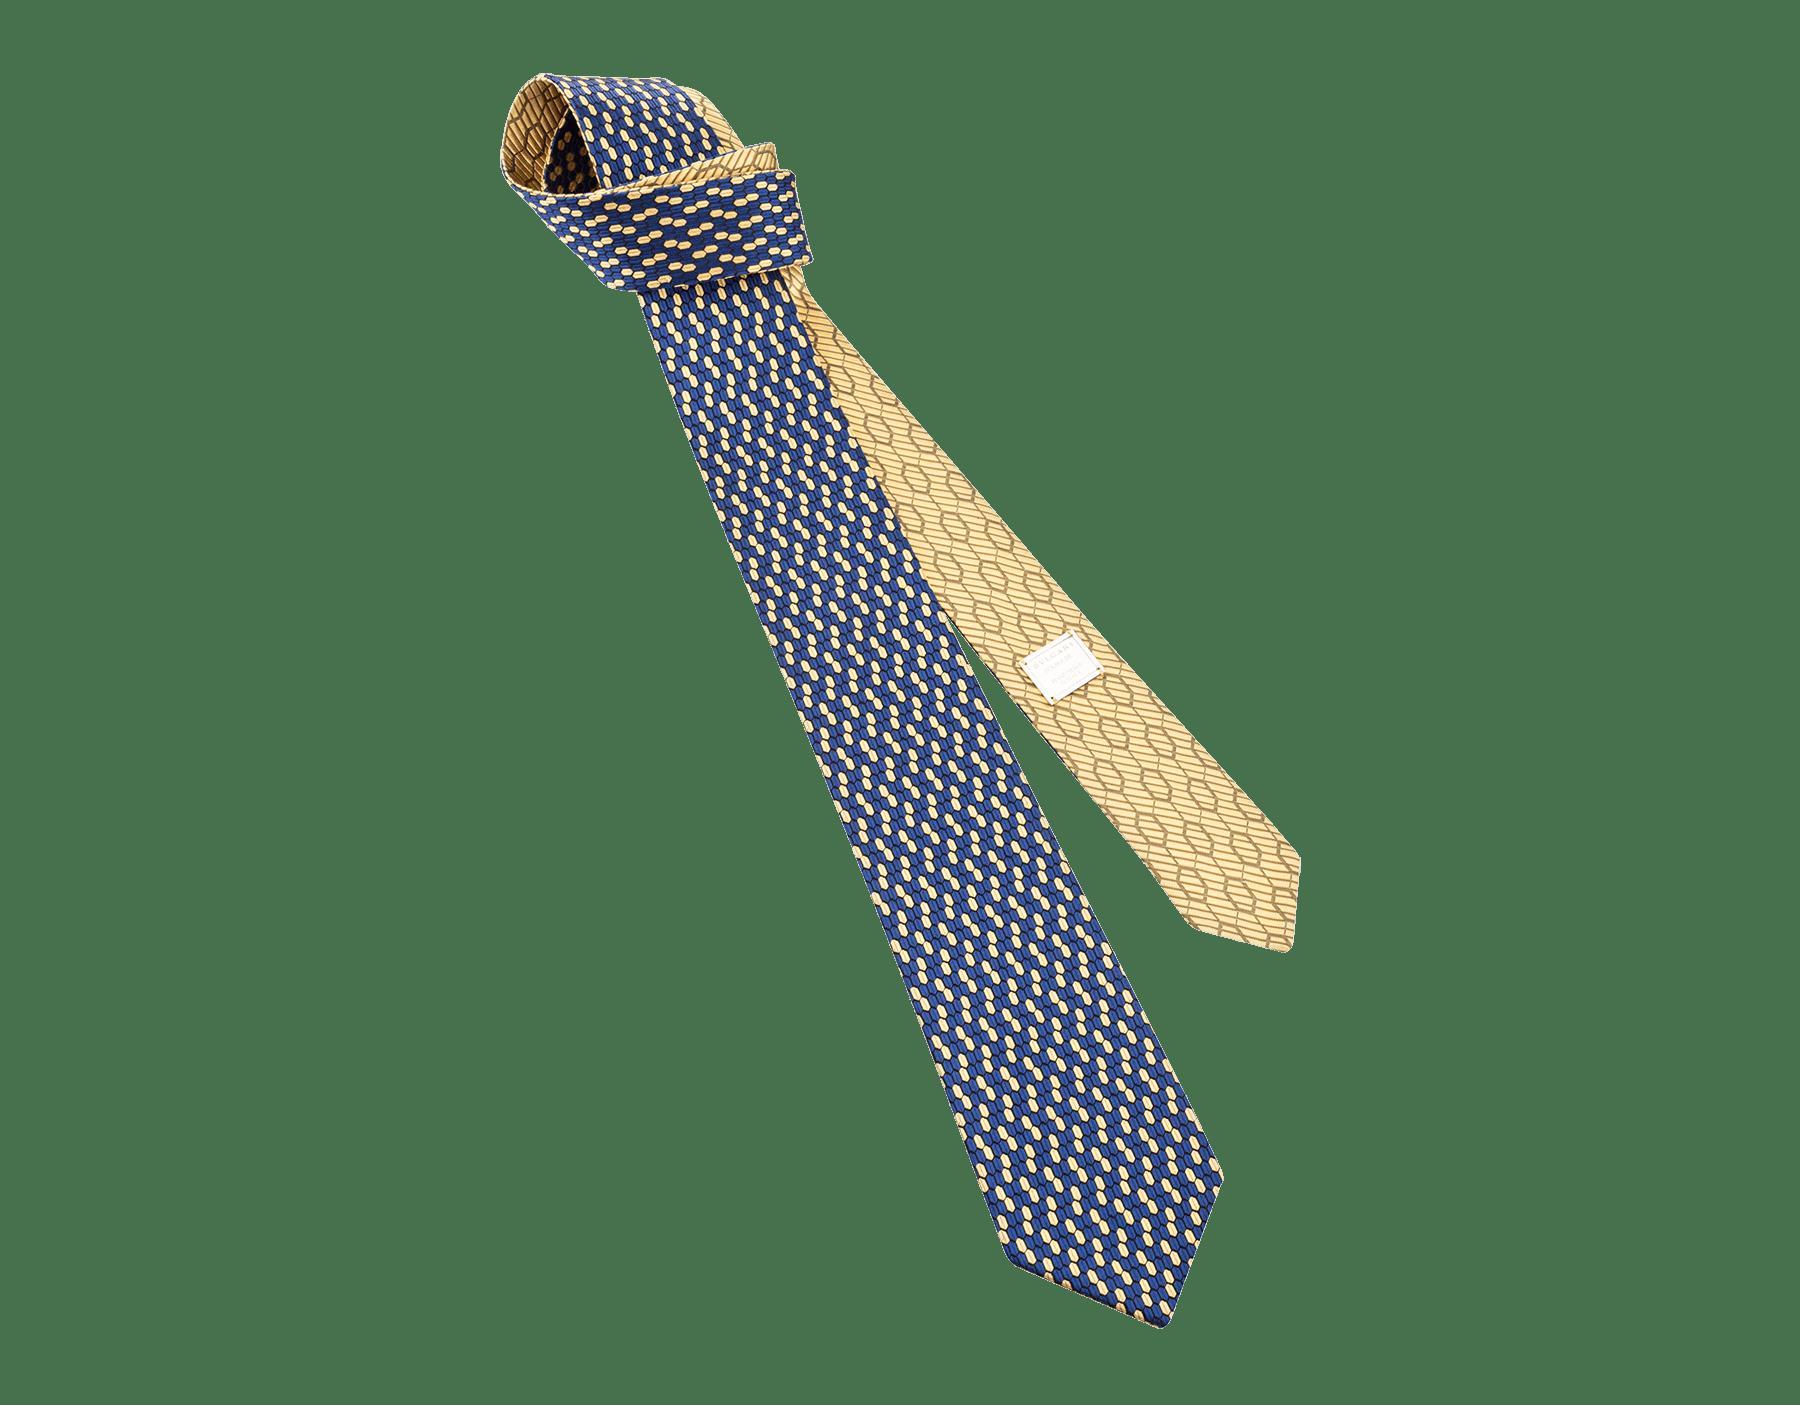 イエローのダブル マルチスケール ネクタイ。上質なジャカードシルク製。 244430 image 1